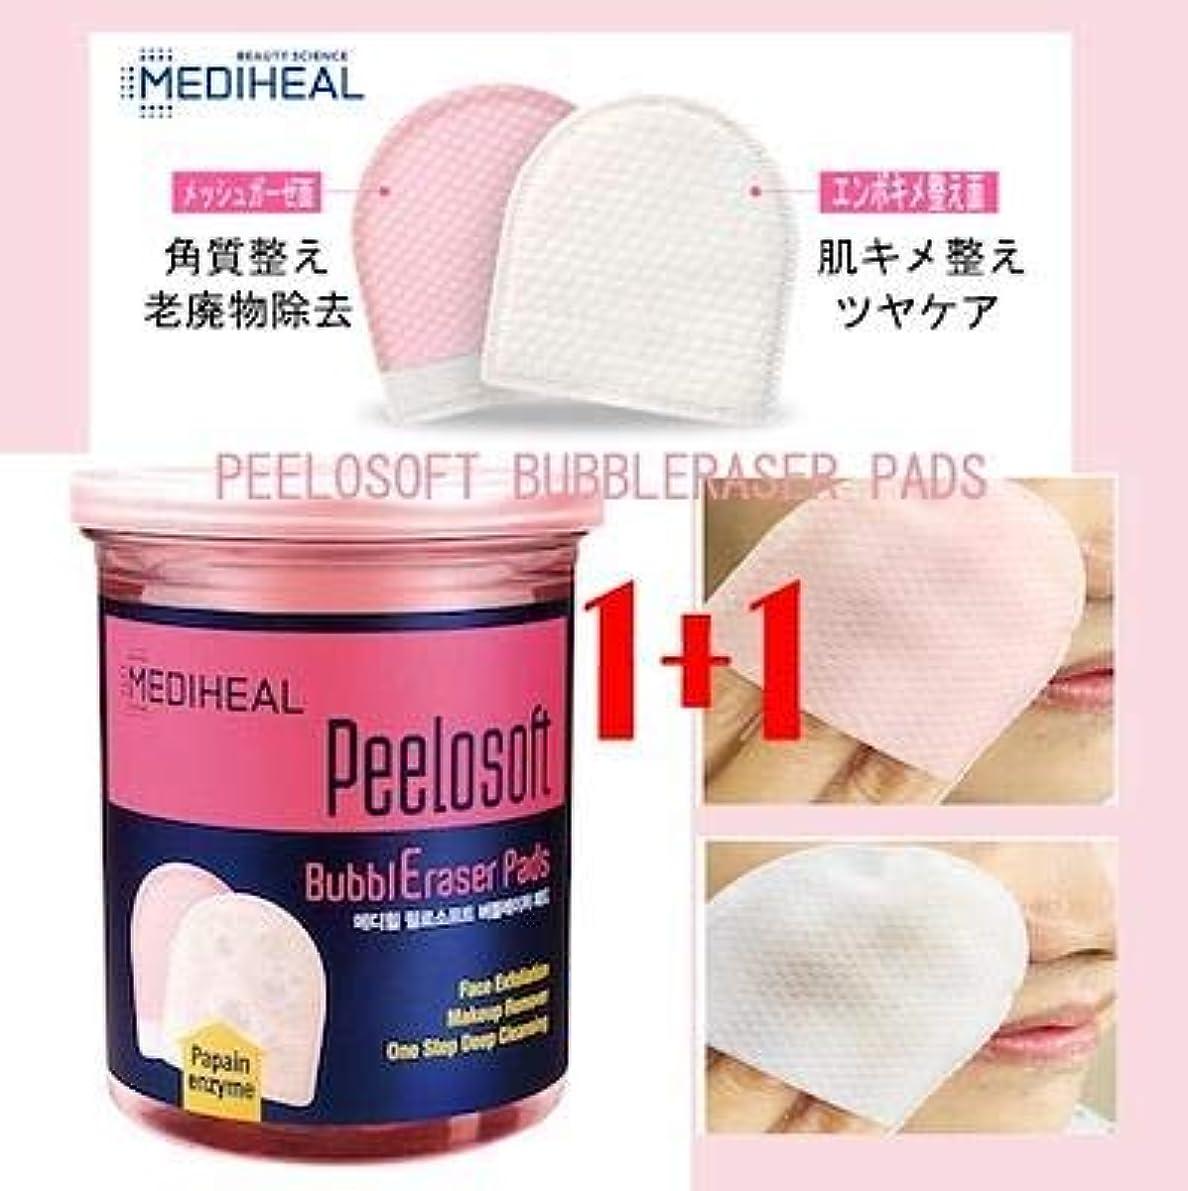 モッキンバード不利益配列[MEDIHEAL] 1+1 メディヒール Peelosoft BubblEraser Pads ピローソフト バブルレーザー パッド [20枚+ 20枚]